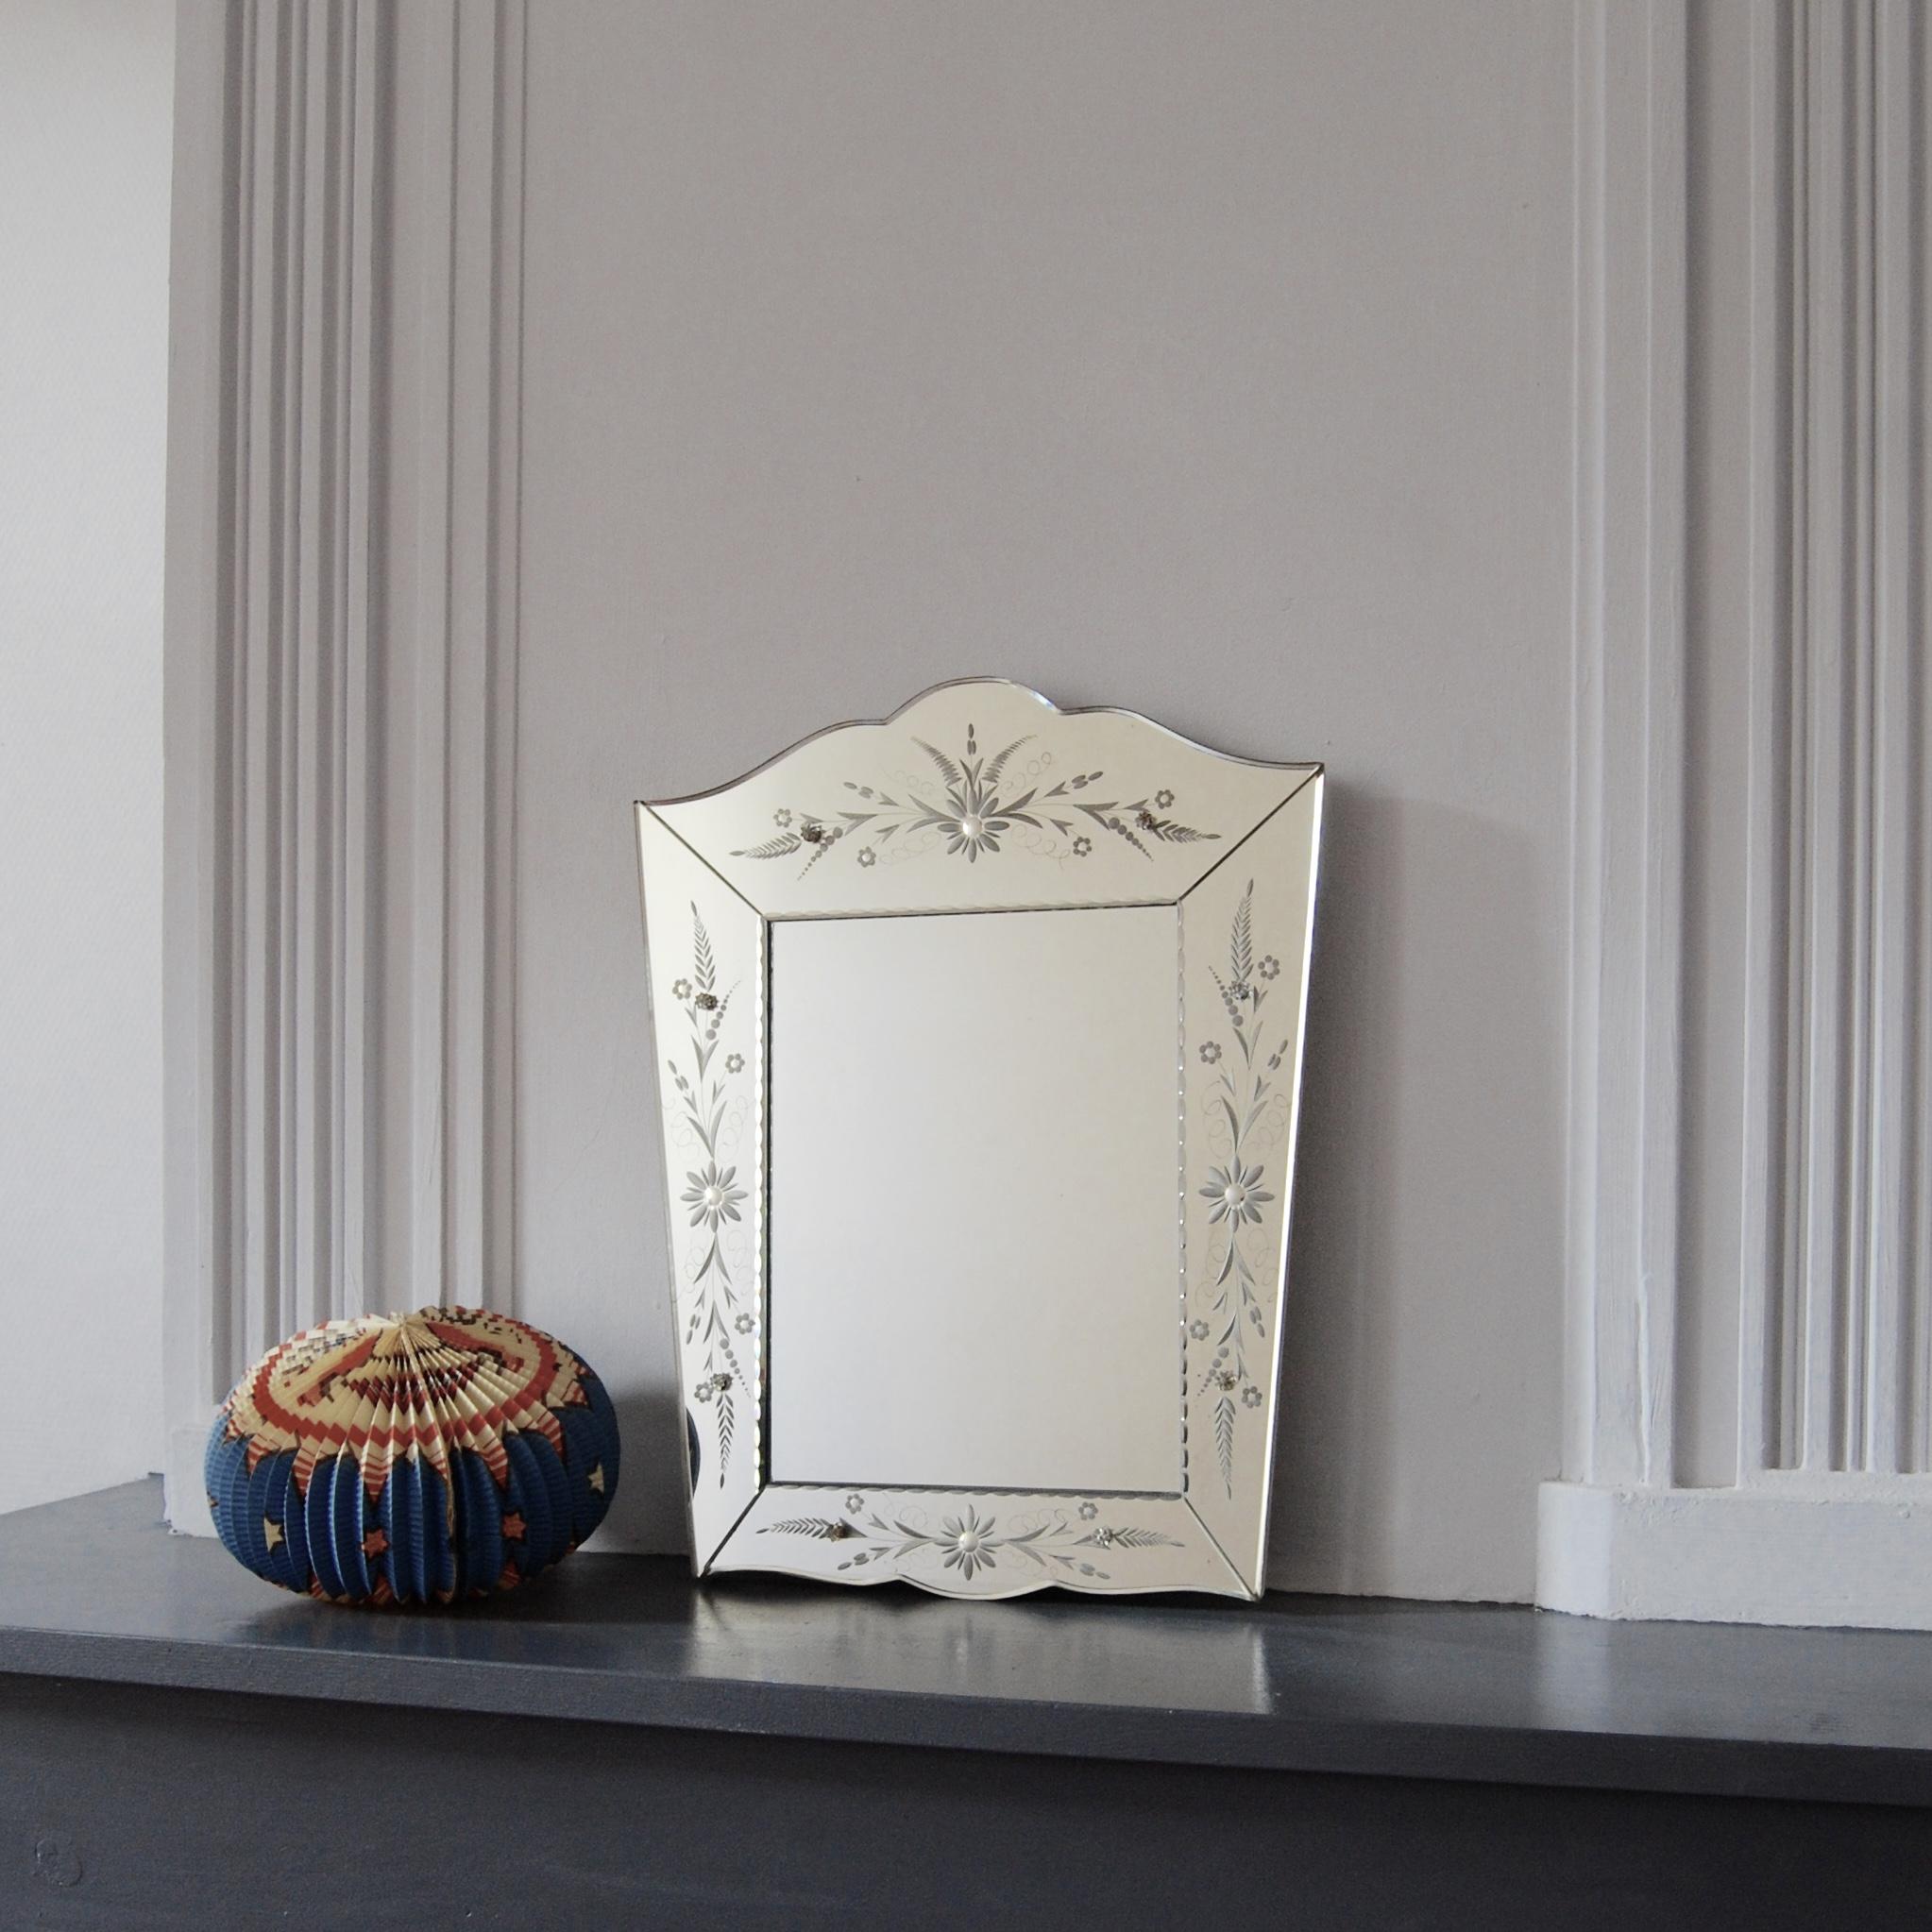 miroir v nitien brocante avenue. Black Bedroom Furniture Sets. Home Design Ideas